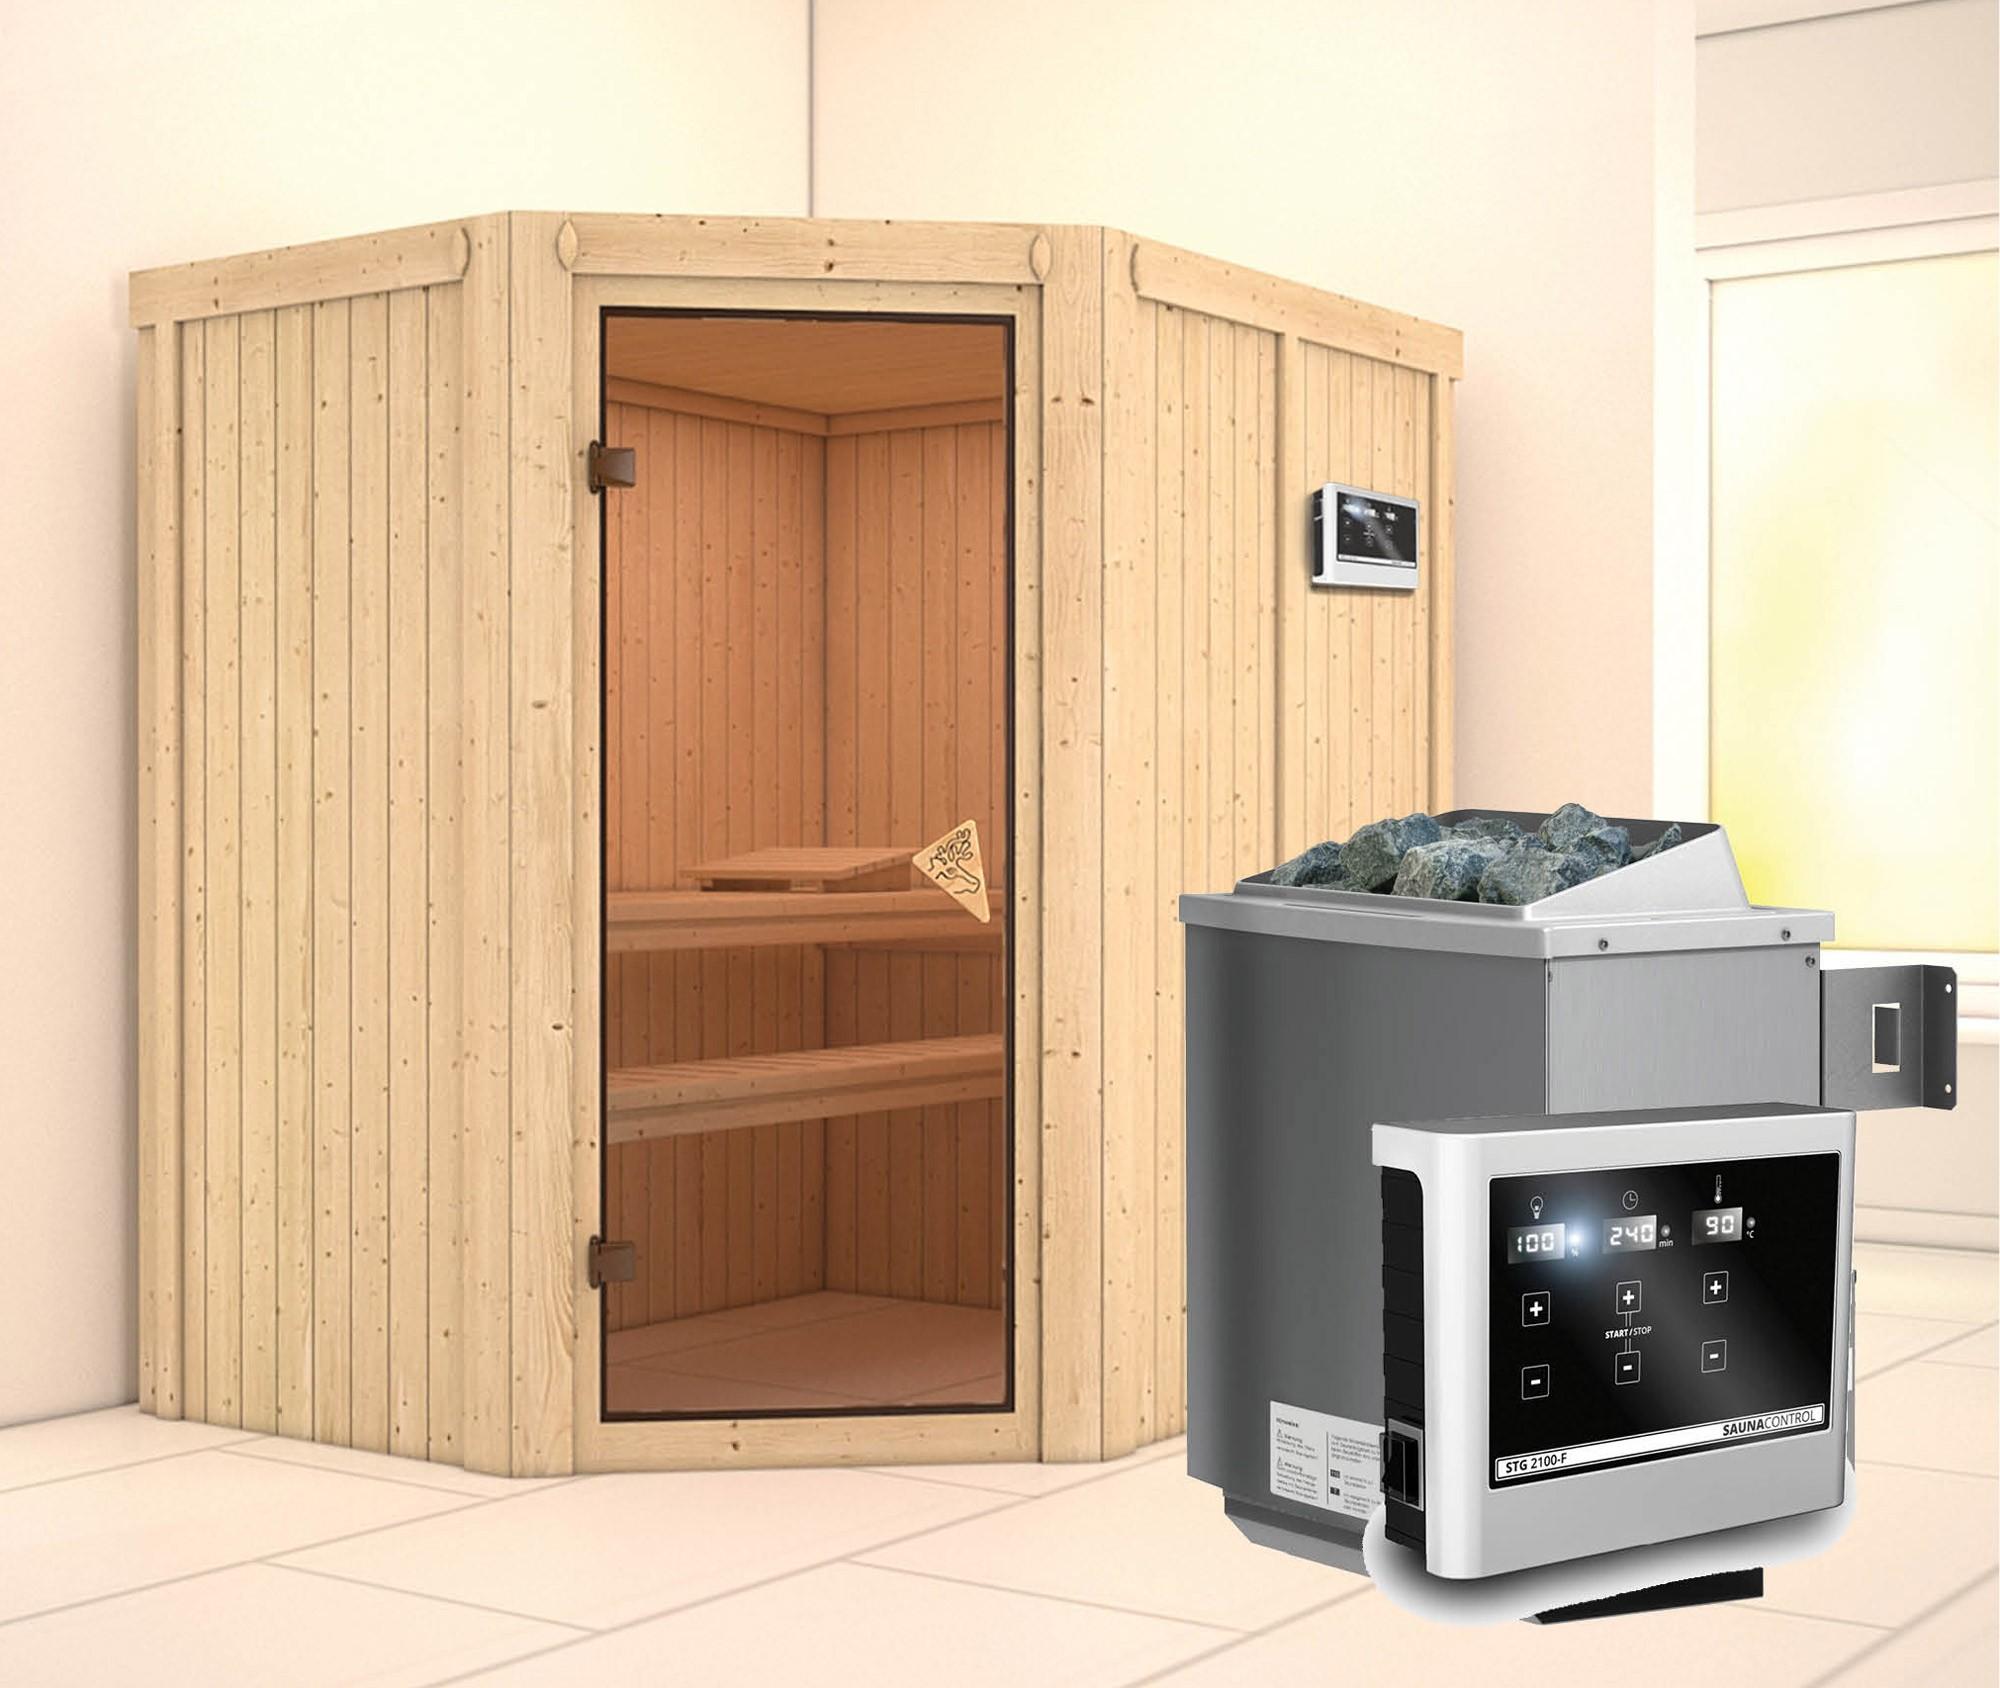 Karibu Sauna Carin 68mm mit Ofen 9kW extern classic Tür Bild 1